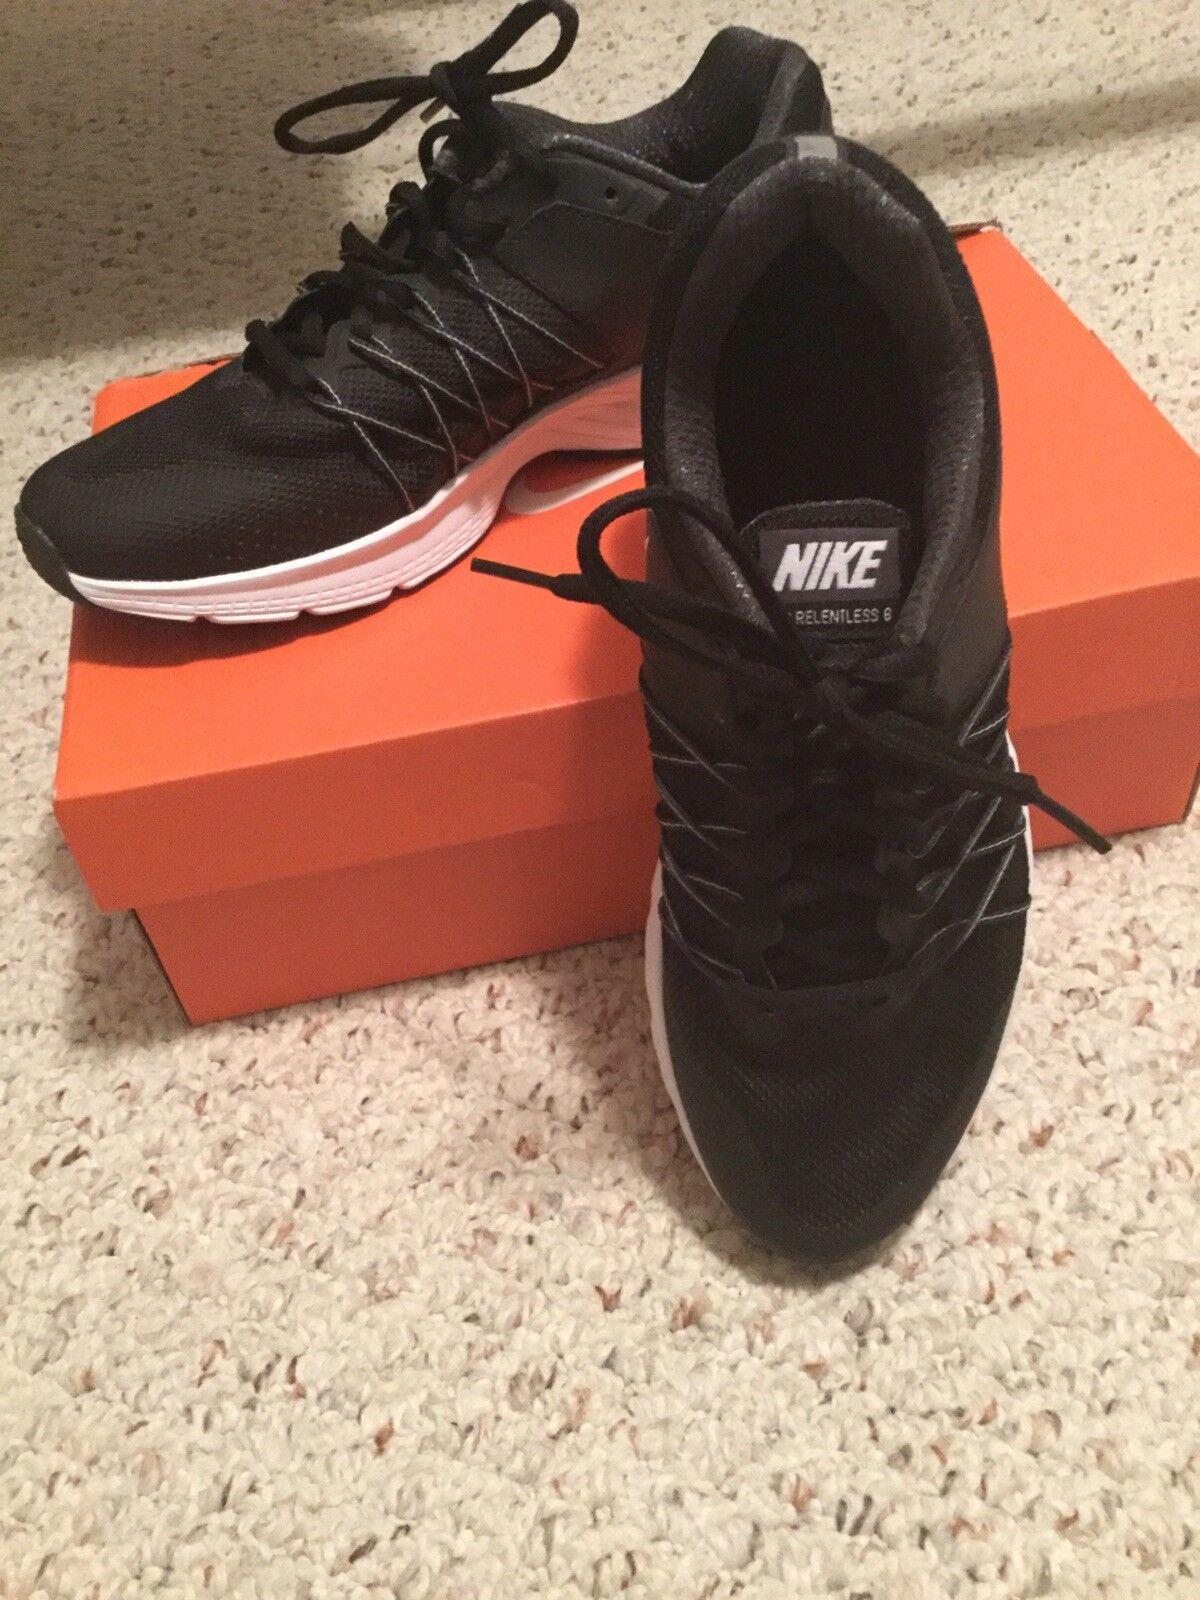 Nike flex oberste tr 5 für frauen 8,5 verkauf schwarz & Weiß cross - training, laufen